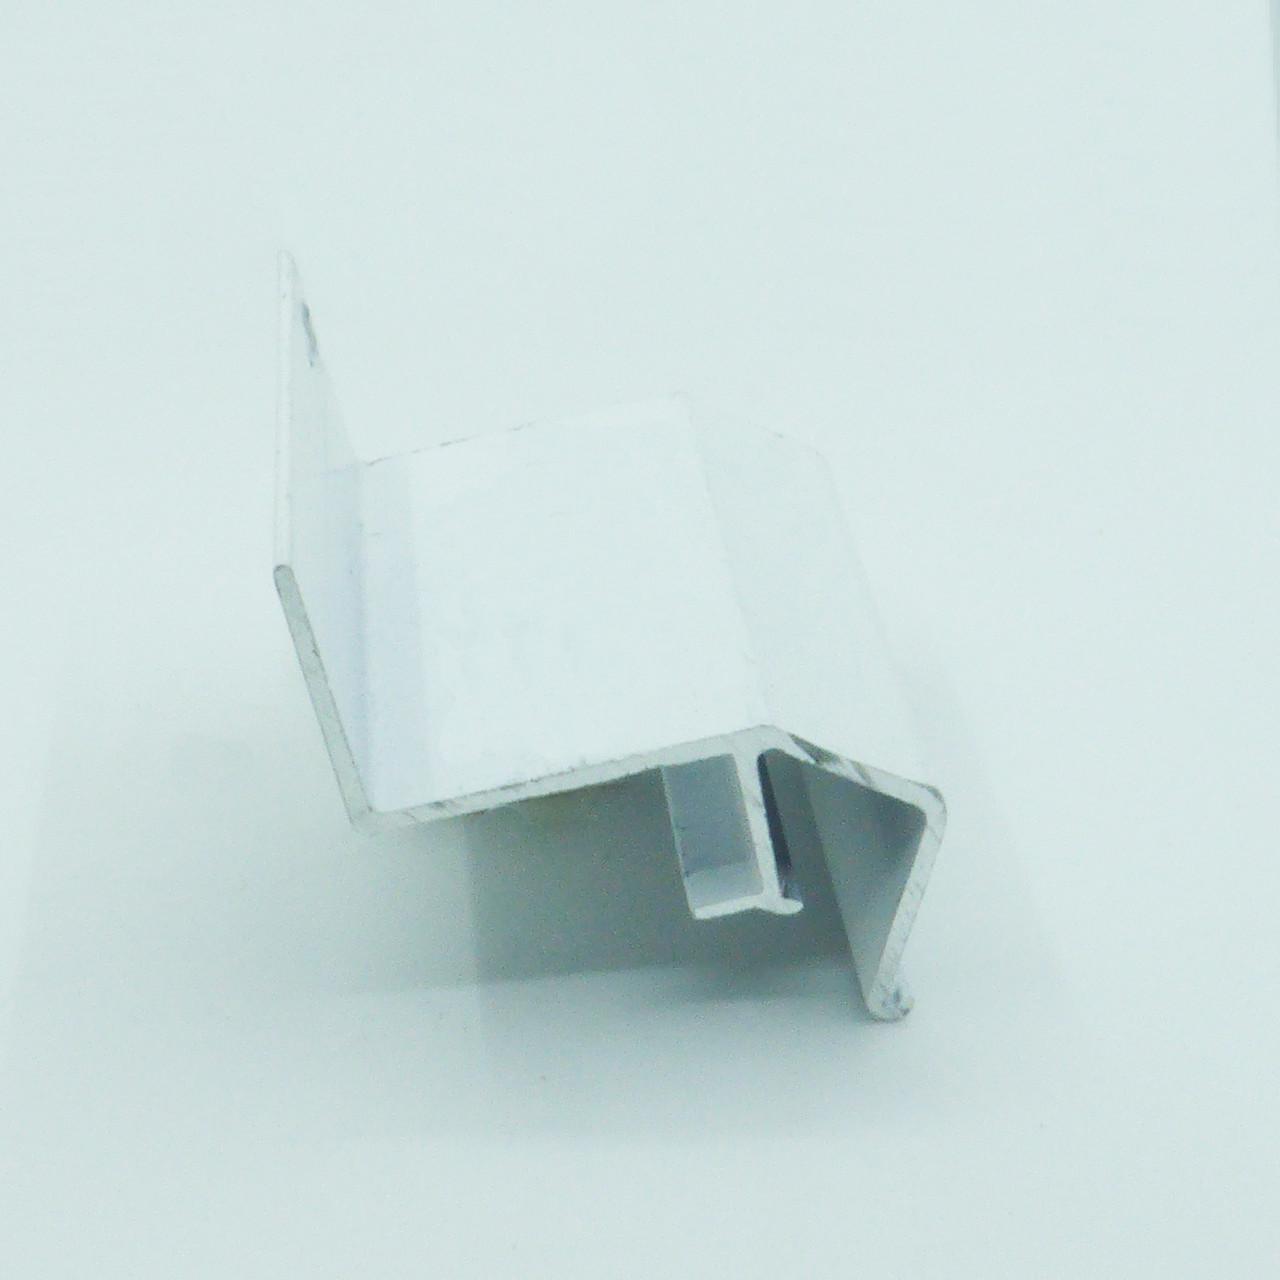 Профіль алюмінієвий для натяжних стель - ширяючий, посилений, фарбований білий, без вставки №3. Довжина профілю 2,5 м.